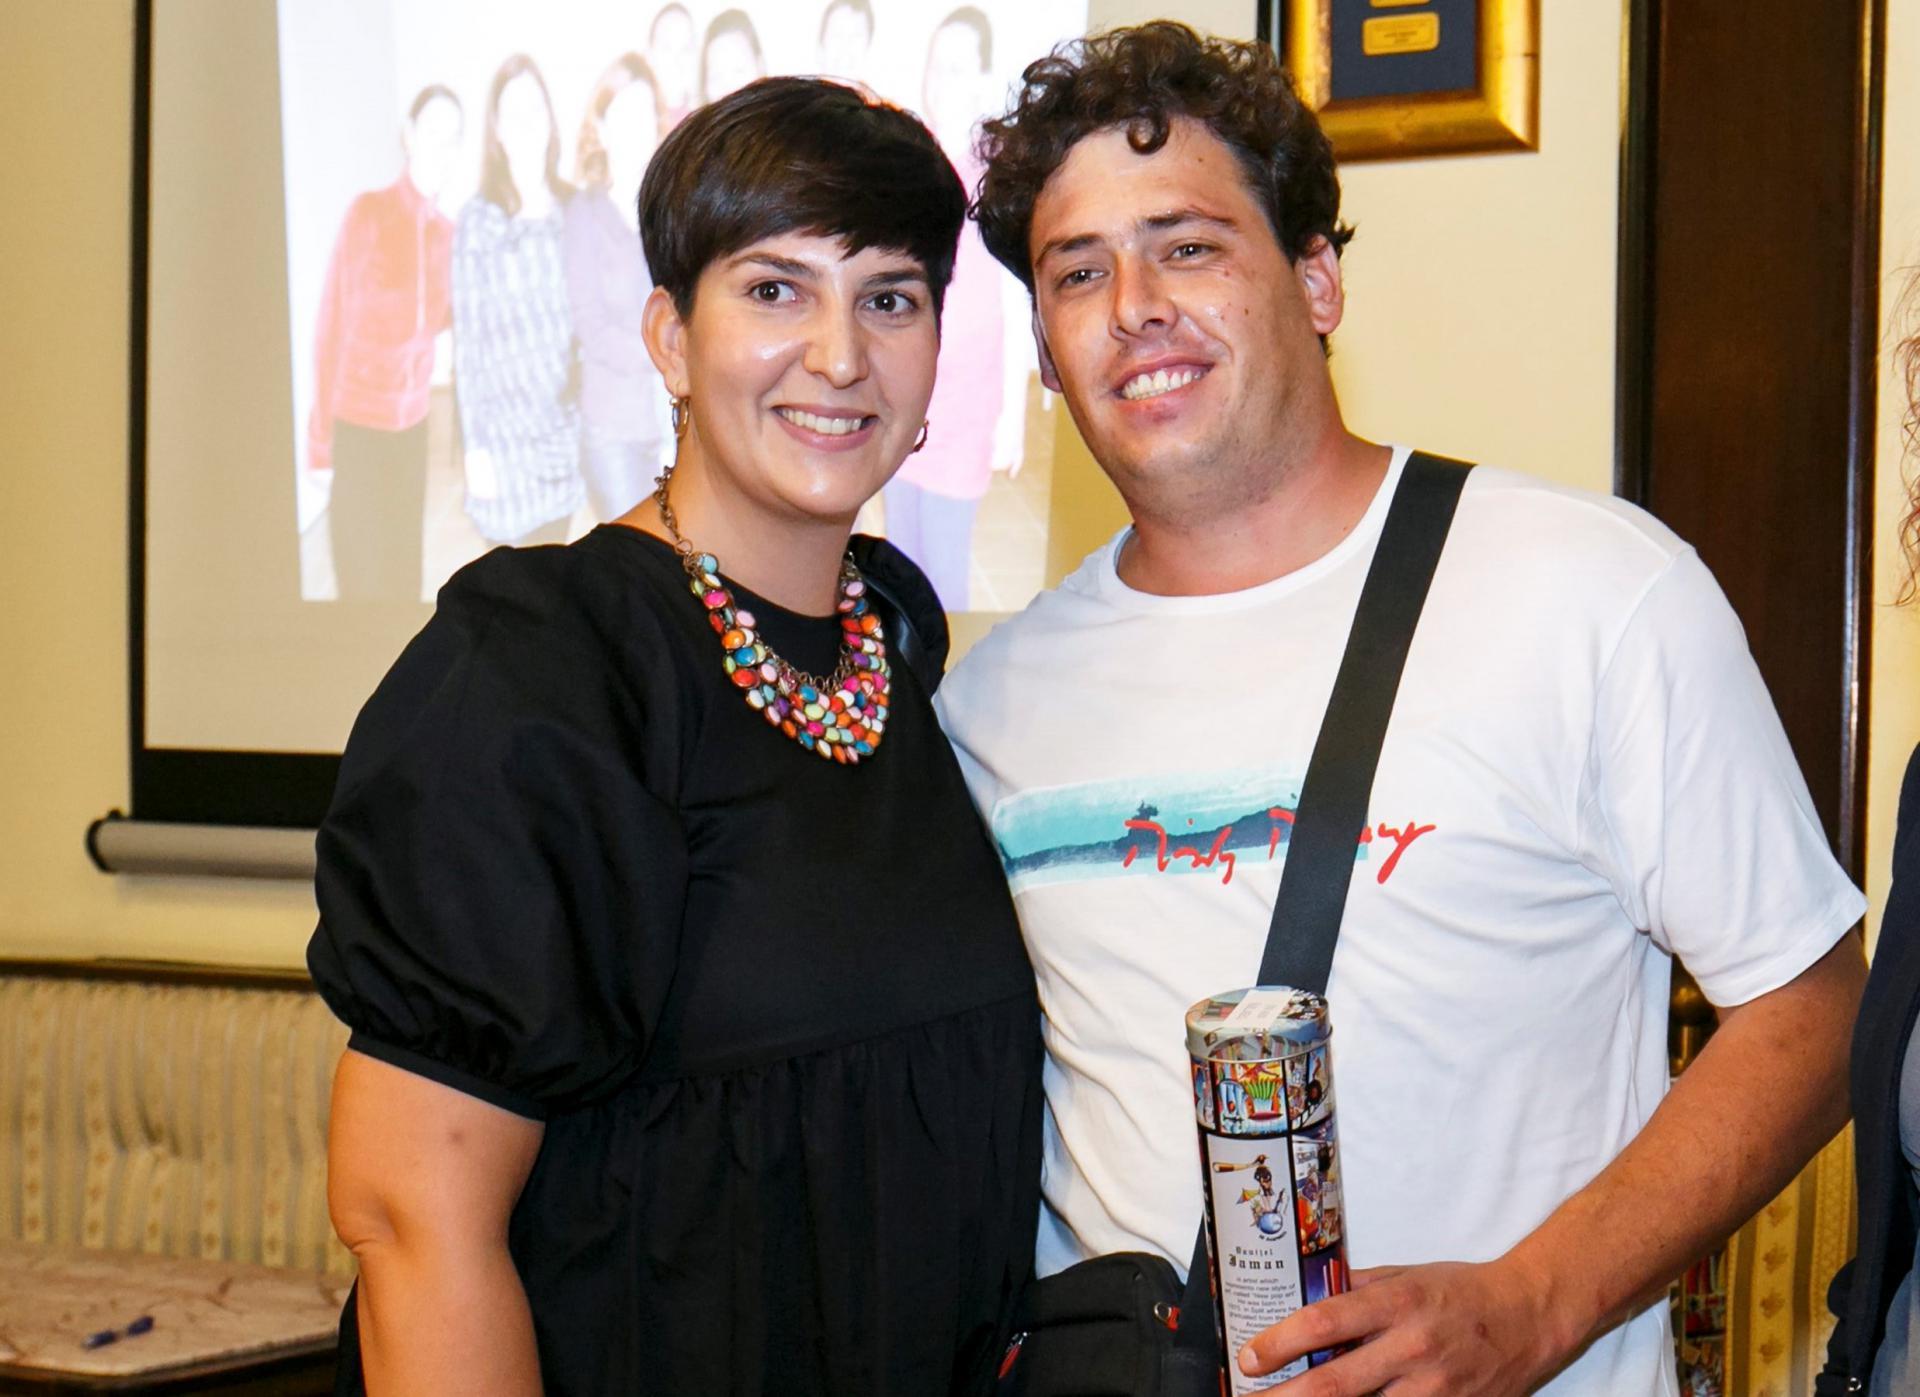 Hrabri tata Ivan Šiljeg sa suprugom Jelenom